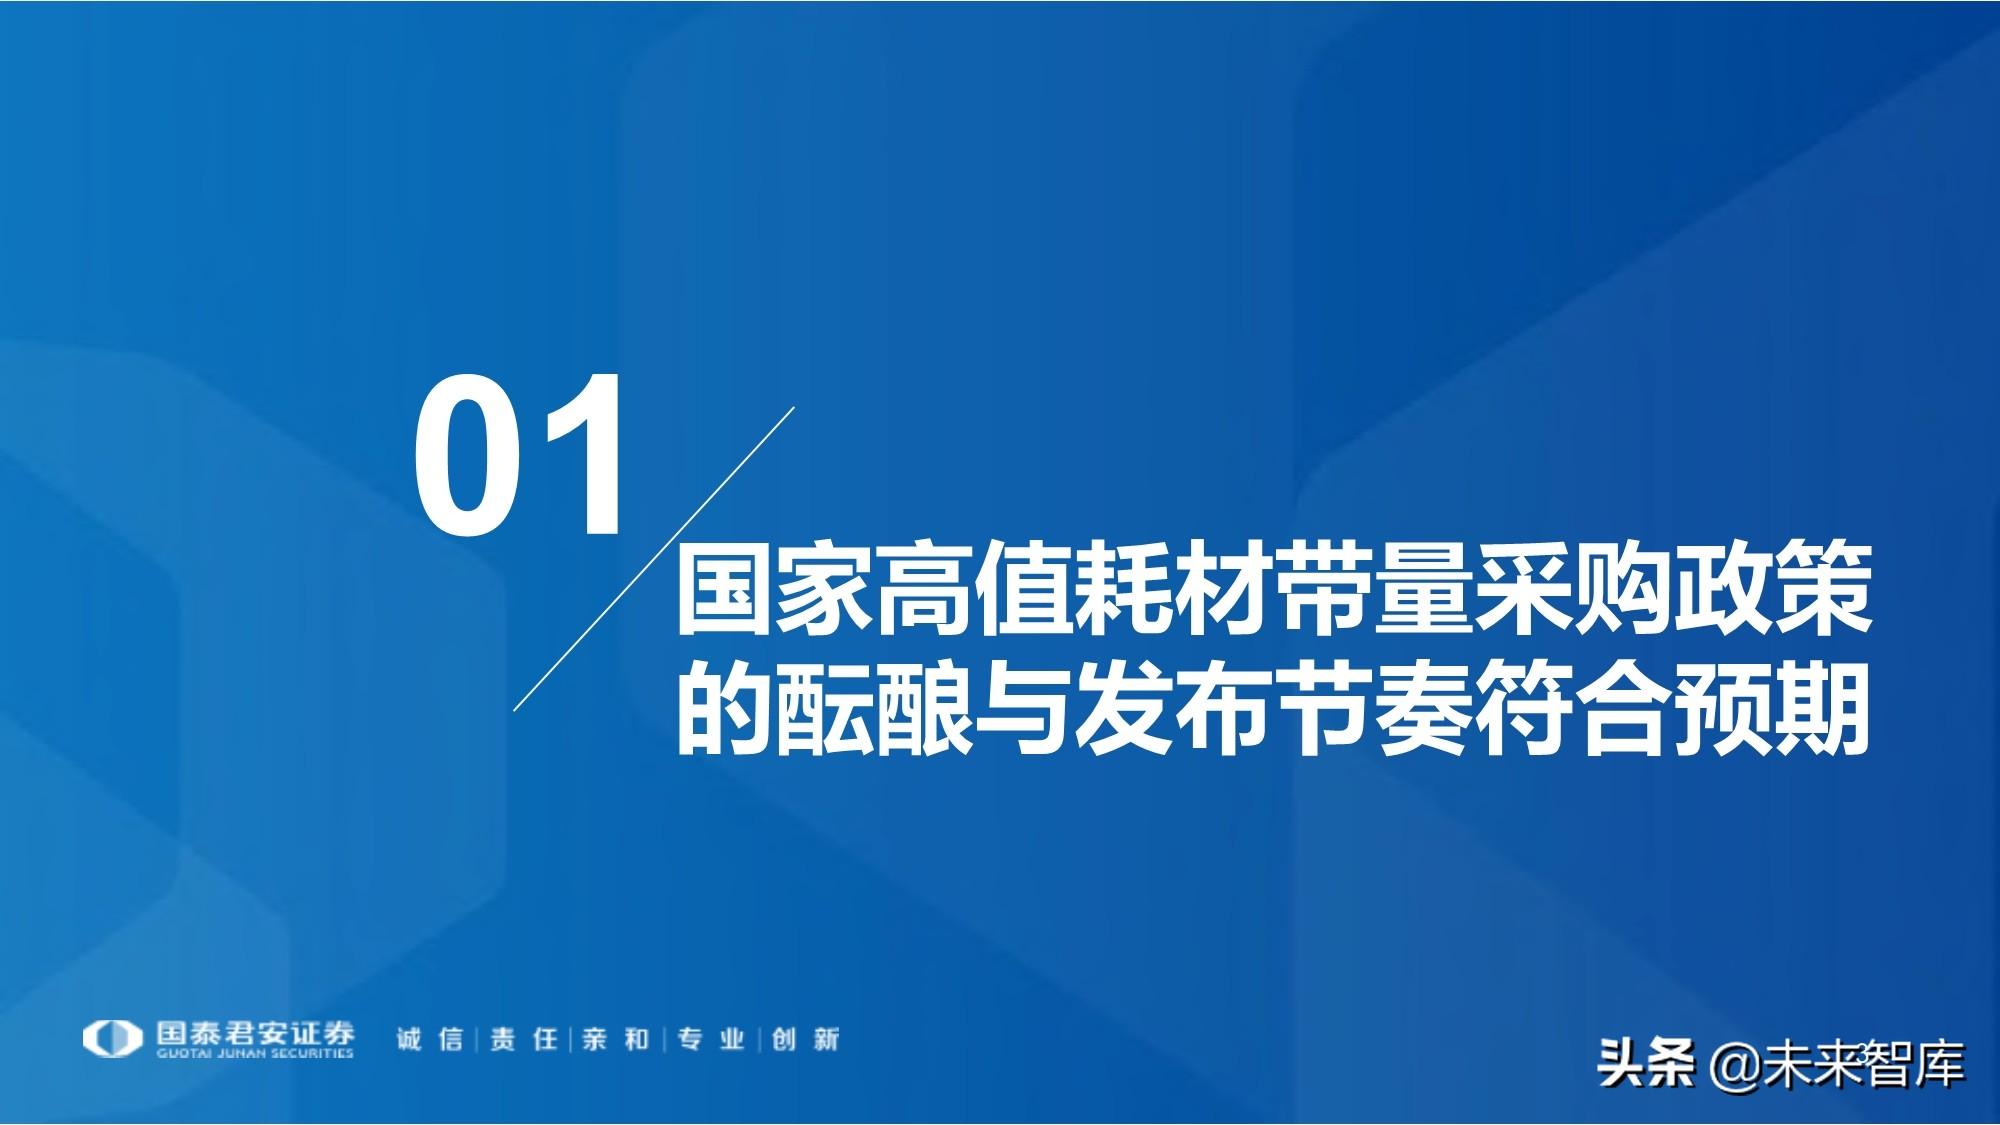 高值耗材带量采购220页报告:政策演化、现状、 趋势及影响